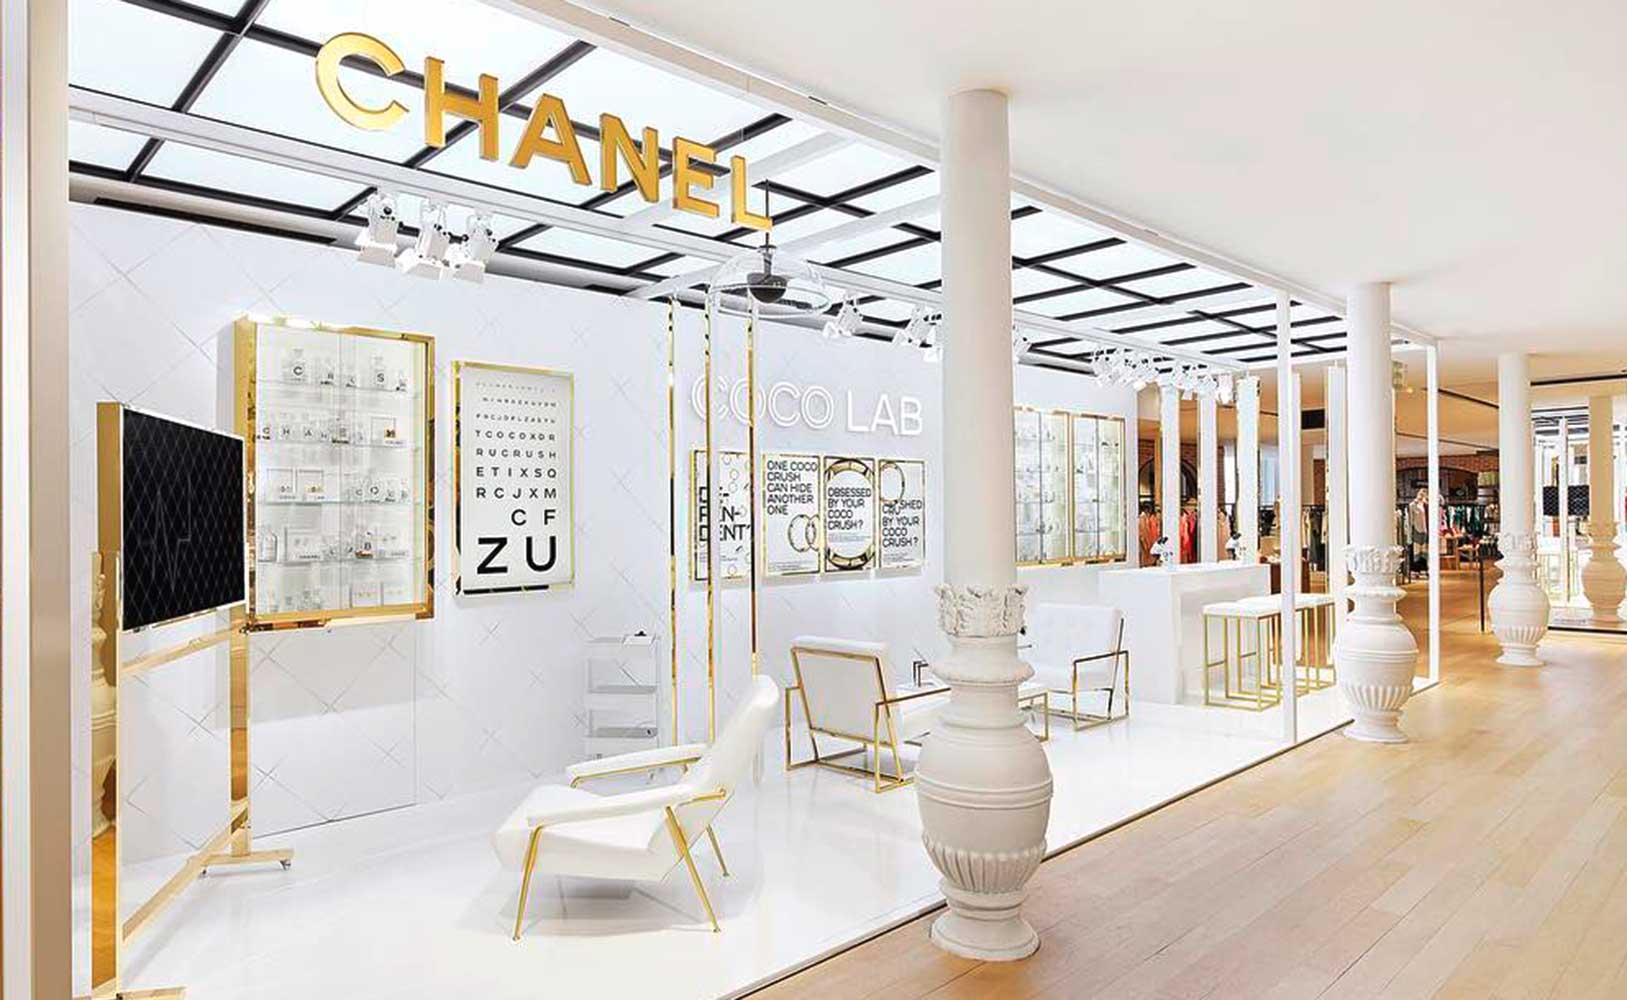 Chanel Coco Lab Pop-Up experiencia de cliente